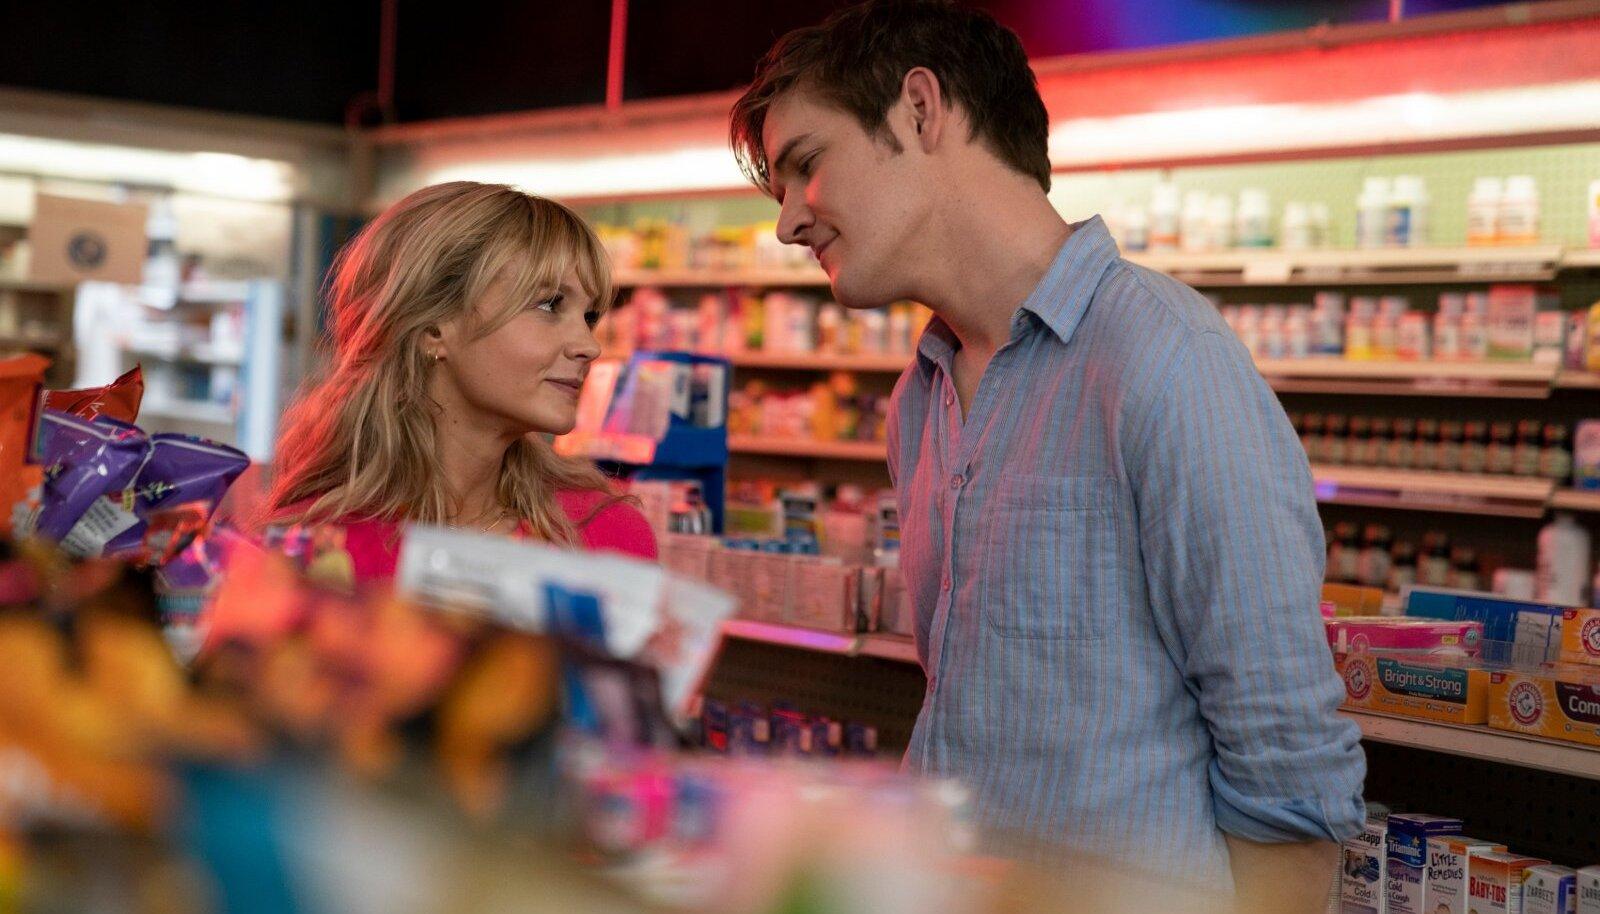 Kas ja millal andestada ja sündmusest lahti lasta? Filmis paistab tõuke andvat Cassandra (Carey Mulligan) taaskohtumine kunagise kursusevenna Ryaniga (Bo Burnham), kes käitub sootuks teistmoodi kui paljud mölakad.